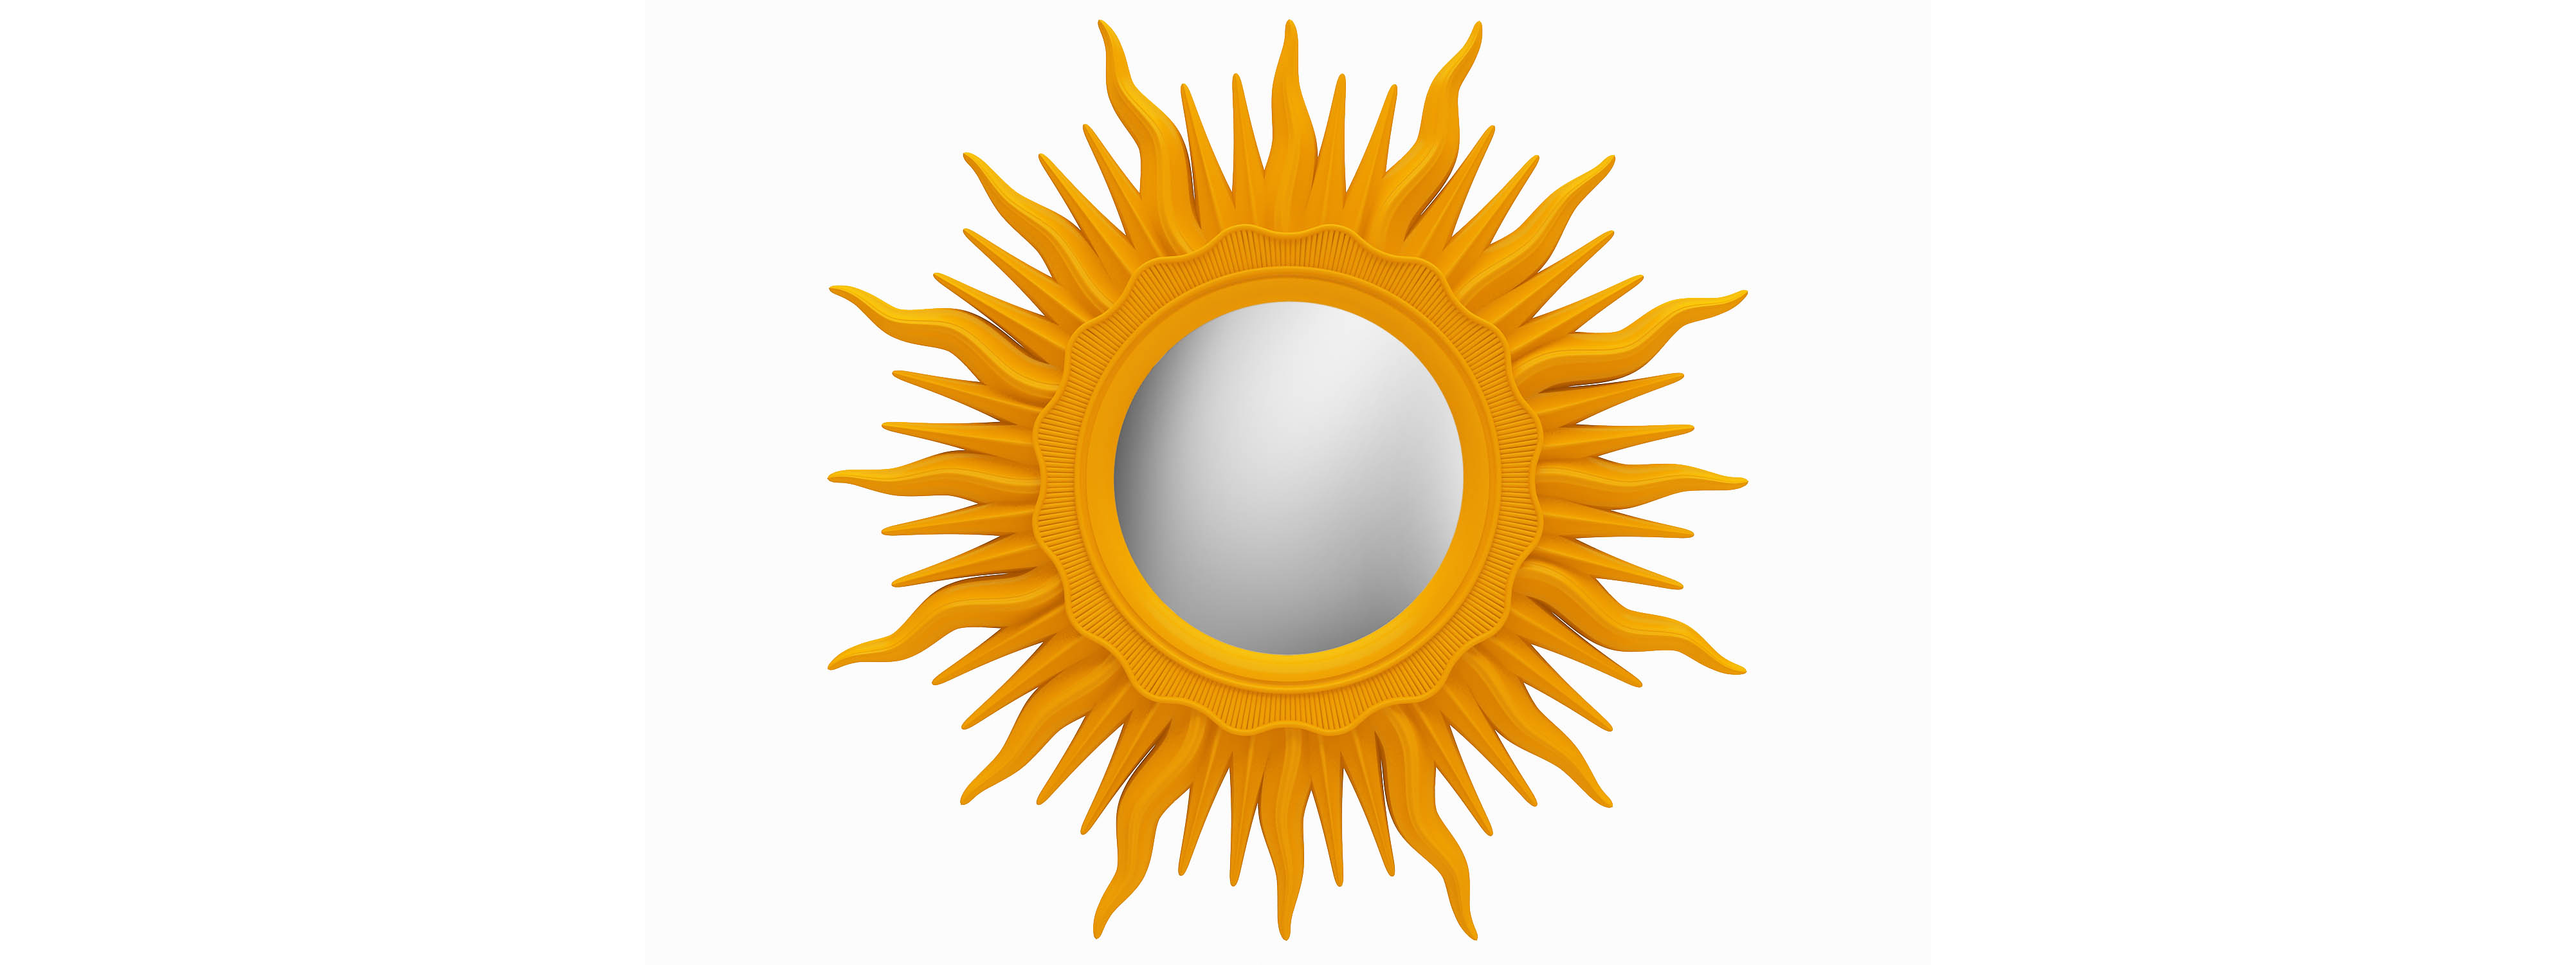 Зеркало АСТРОНастенные зеркала<br>&amp;lt;div&amp;gt;Это зеркало-солнце — яркая и жизнерадостная вещица, которая всегда в центре внимания. Рама в форме лучей сделана из мебельного пенополиуретана, чрезвычайно крепкого и долговечного, и окрашена в апельсиново-оранжевый цвет. Материал и используемые красители не содержат токсичных веществ. ППУ не боится воды и пара, поэтому зеркало можно повесить в помещении с повышенной влажностью.&amp;lt;/div&amp;gt;&amp;amp;nbsp;&amp;lt;div&amp;gt;&amp;lt;span style=&amp;quot;line-height: 37.5374px;&amp;quot;&amp;gt;Цвет:&amp;amp;nbsp;Оранжевый&amp;lt;/span&amp;gt;&amp;lt;/div&amp;gt;<br><br>Material: Полиуретан<br>Глубина см: 4